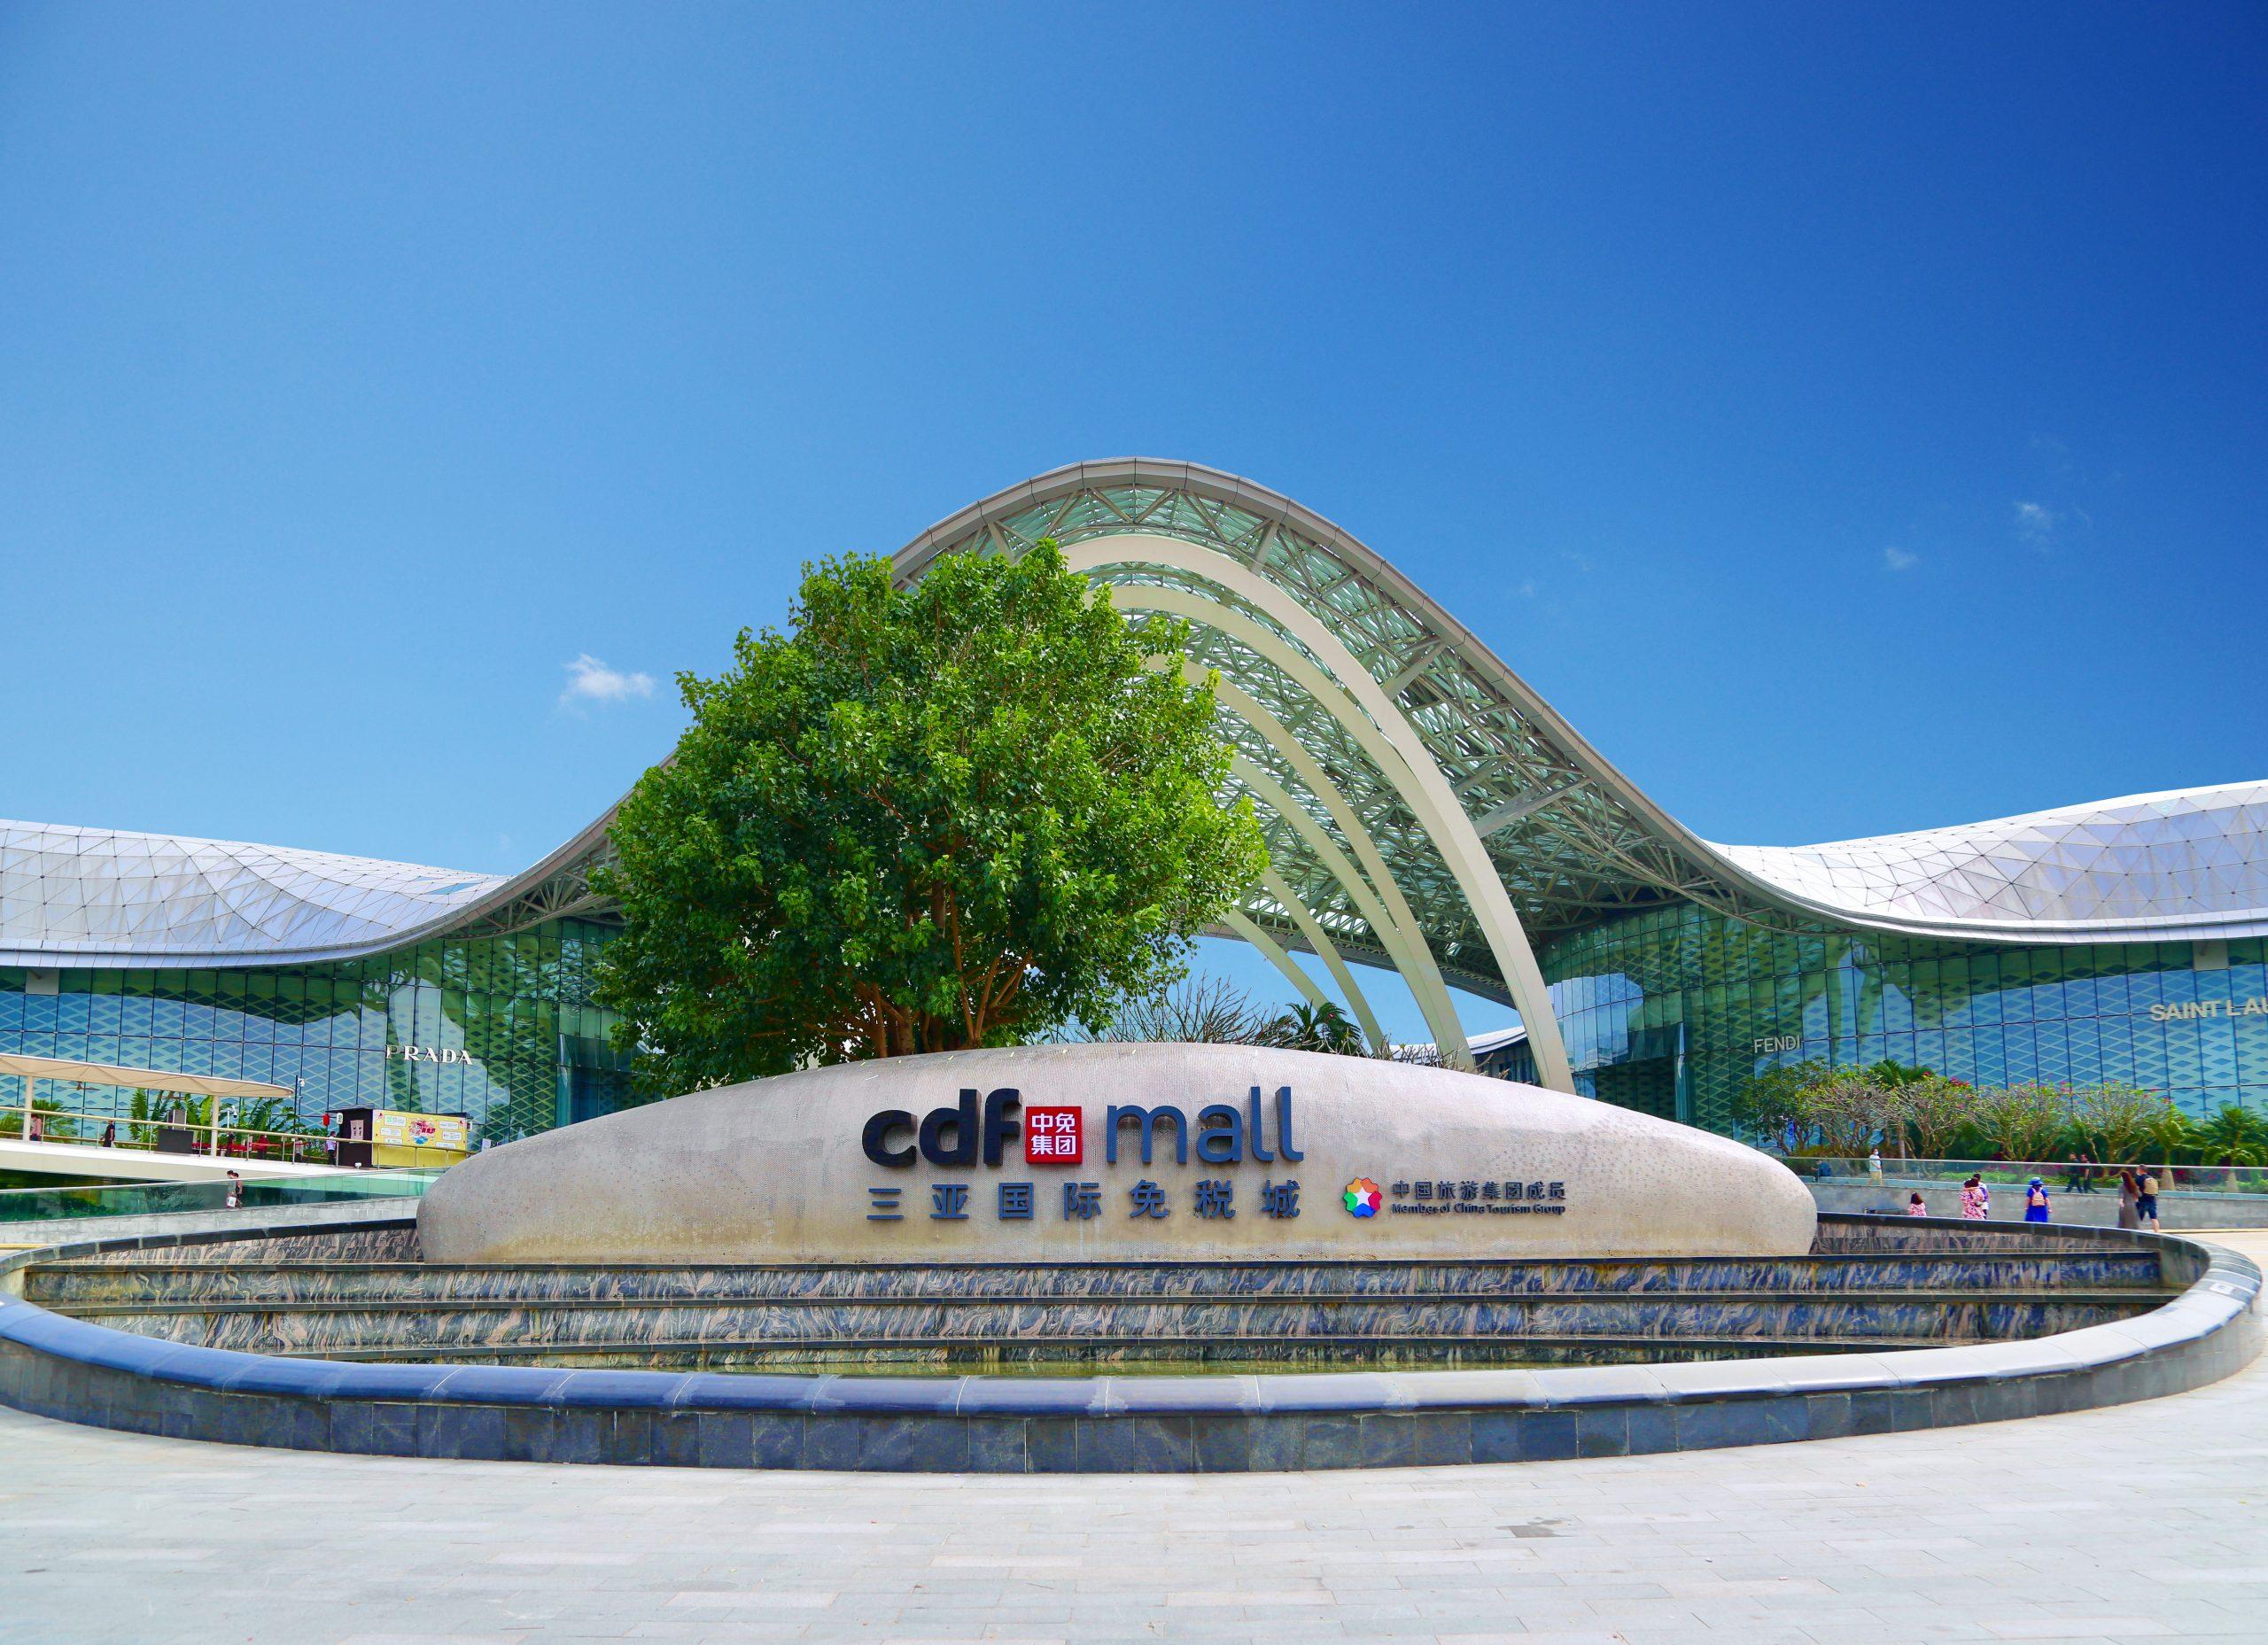 中国中免2021年中报:营收增长84%至355亿元,三亚免税店增长210%